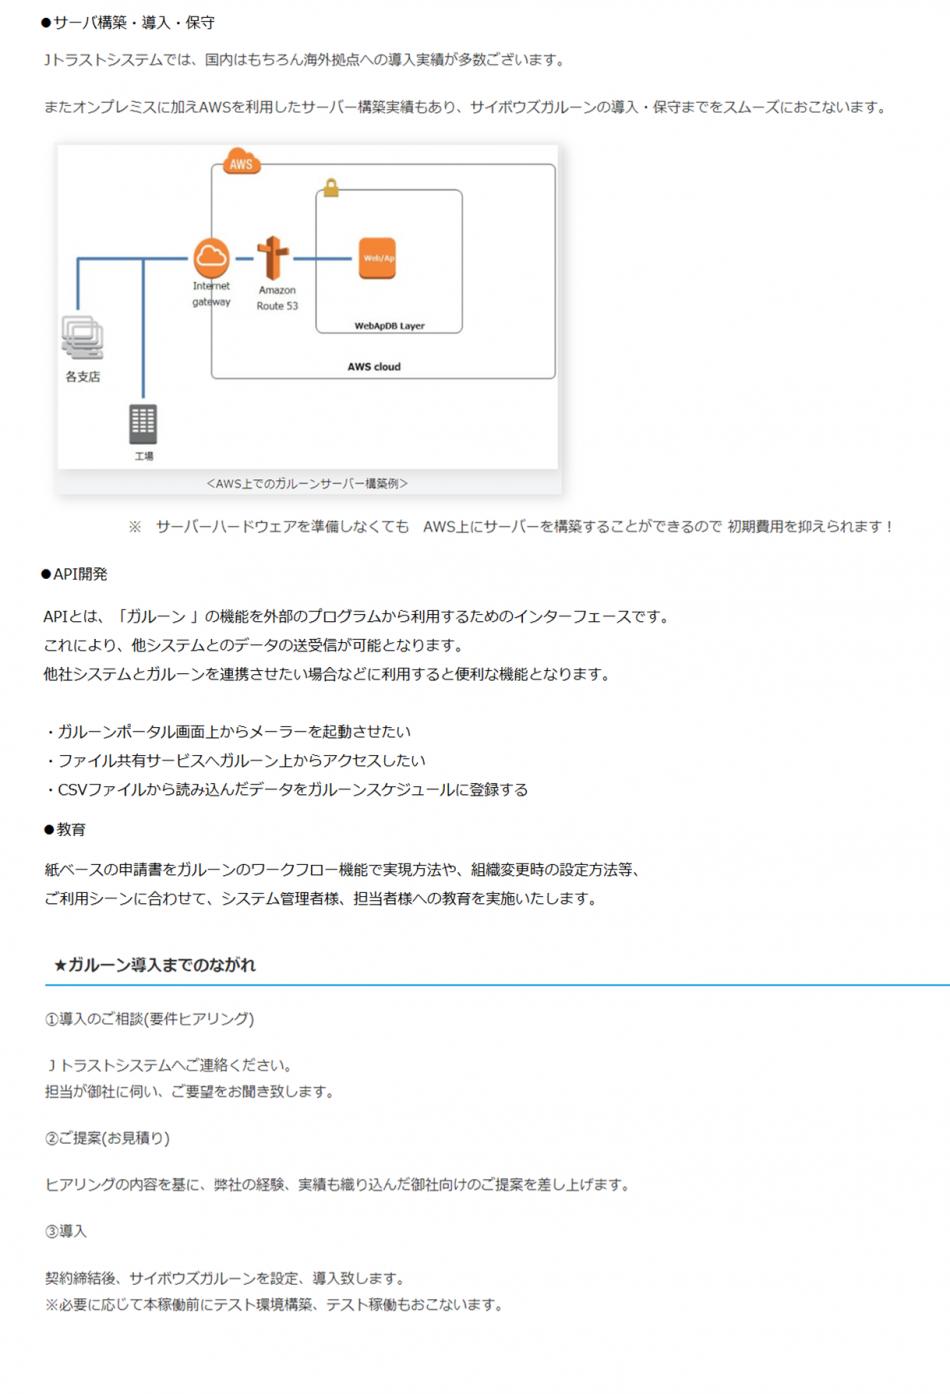 サイボウズガルーン製品詳細3